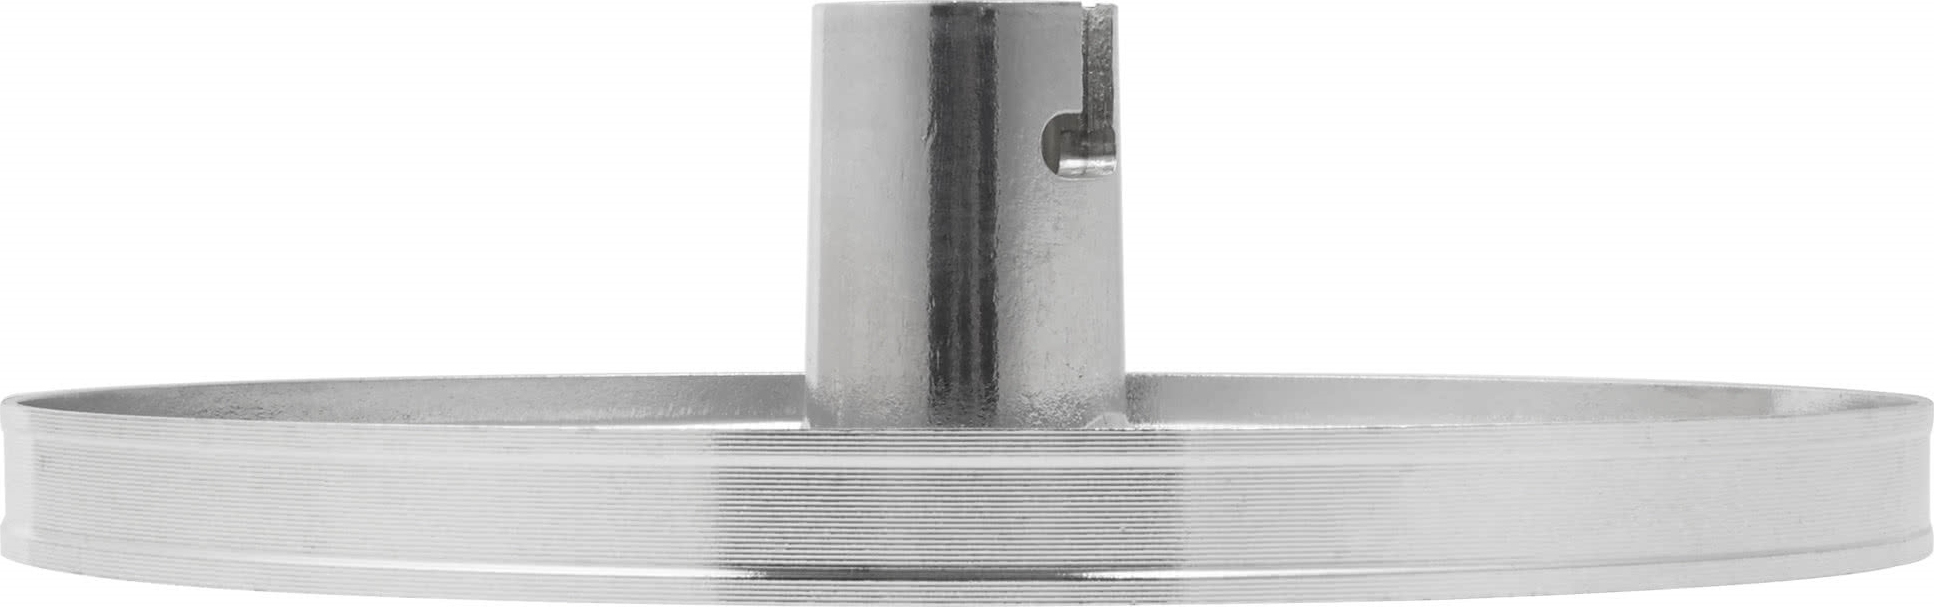 Диск-слайсер Robot Coupe 27069 (3мм) для волнистой нарезки - 3